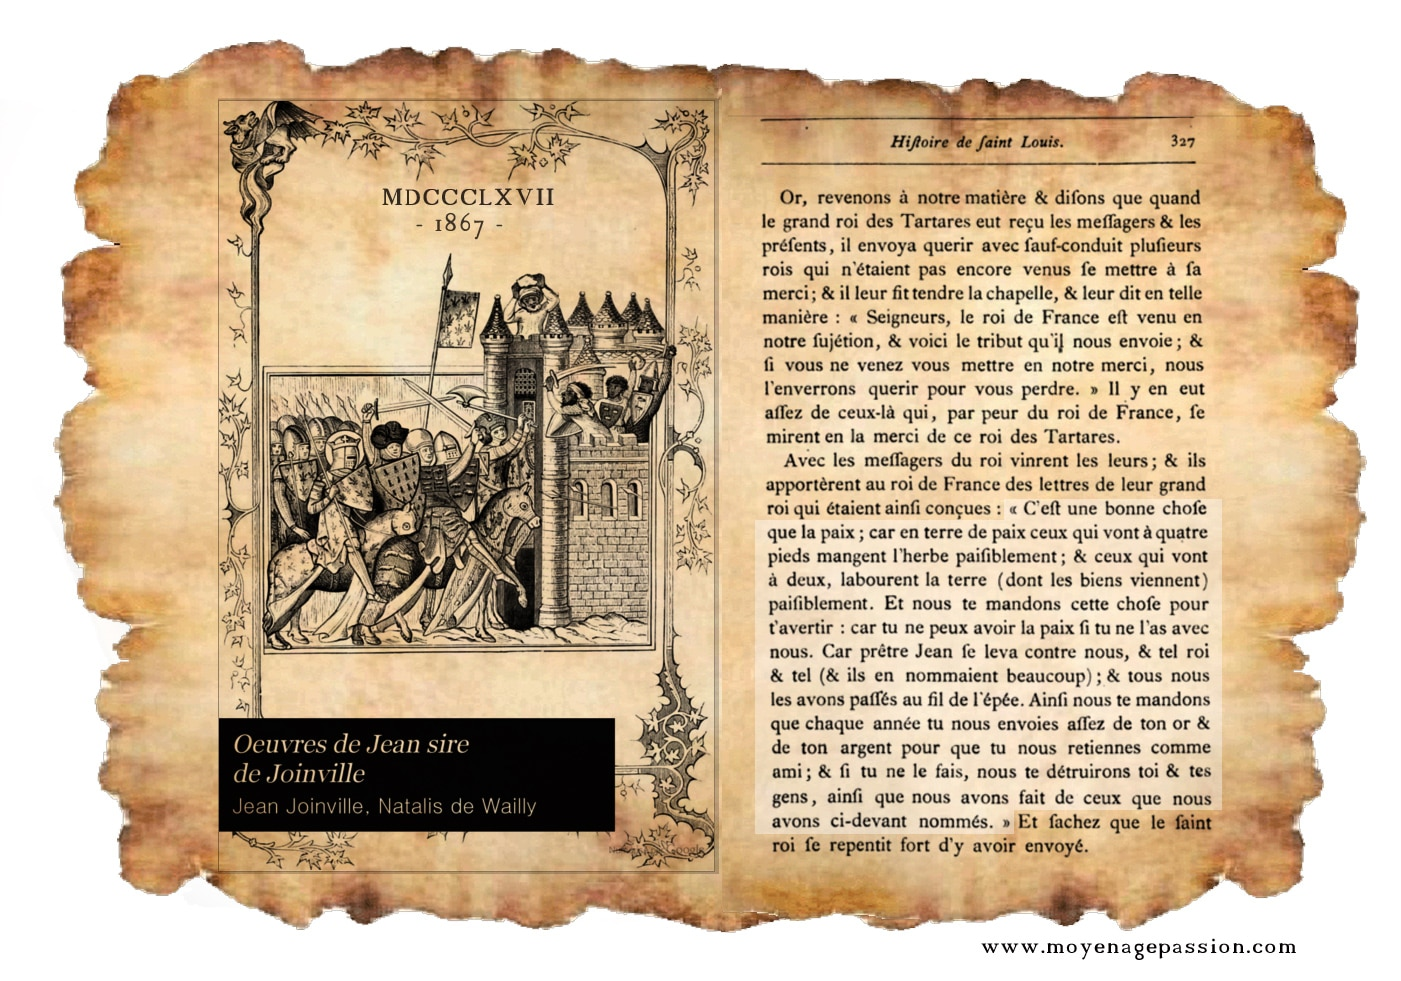 jean_joinville_chronique_lettres_roi_saint_louis_kubilai_khan_moyen-age_passion